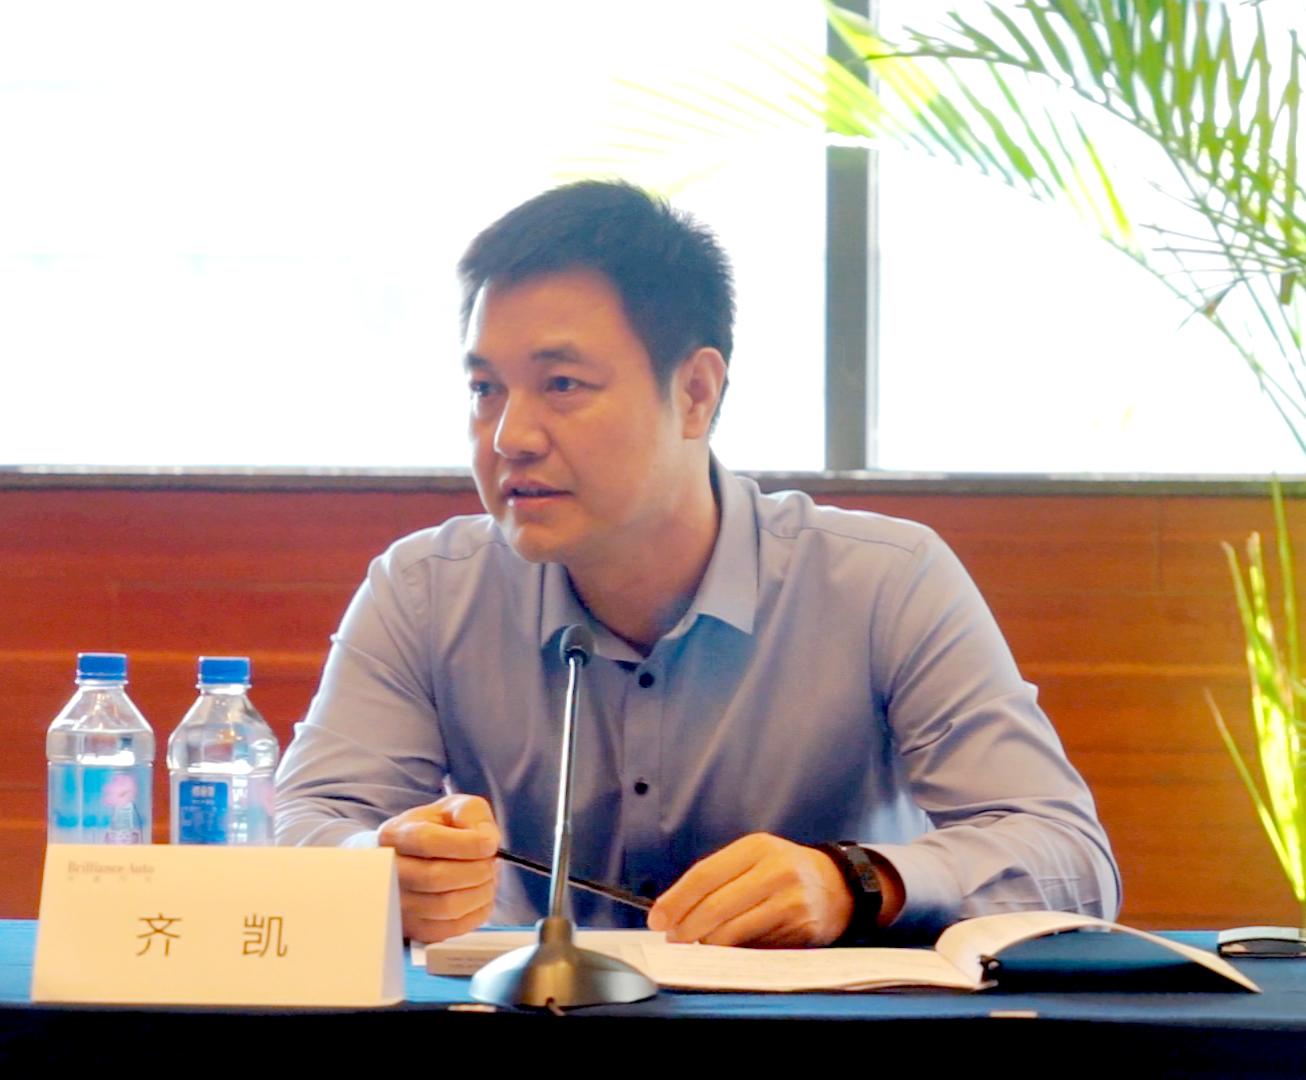 华晨集团副总裁齐凯:集团将收缩战线聚焦主业 大力发展自主品牌及零部件业务